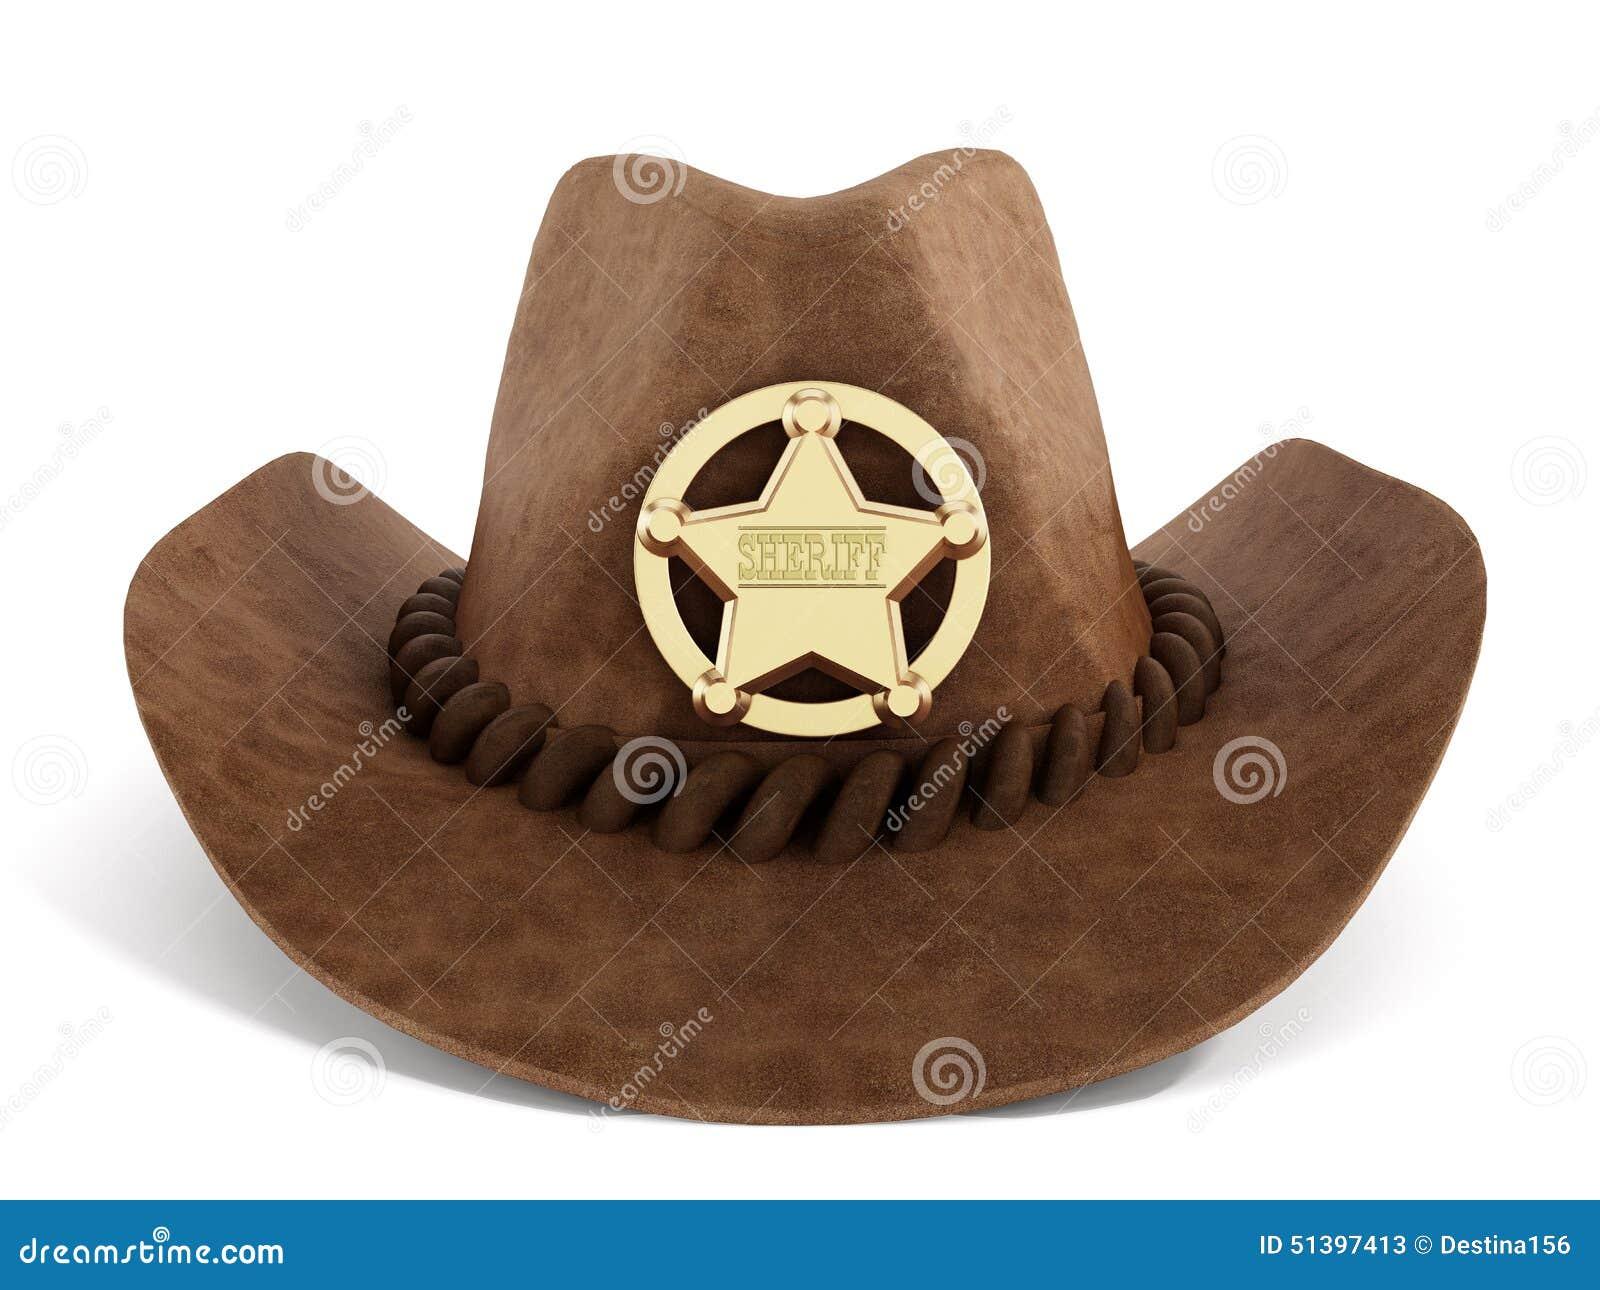 Ковбойская шляпа с значком шерифа